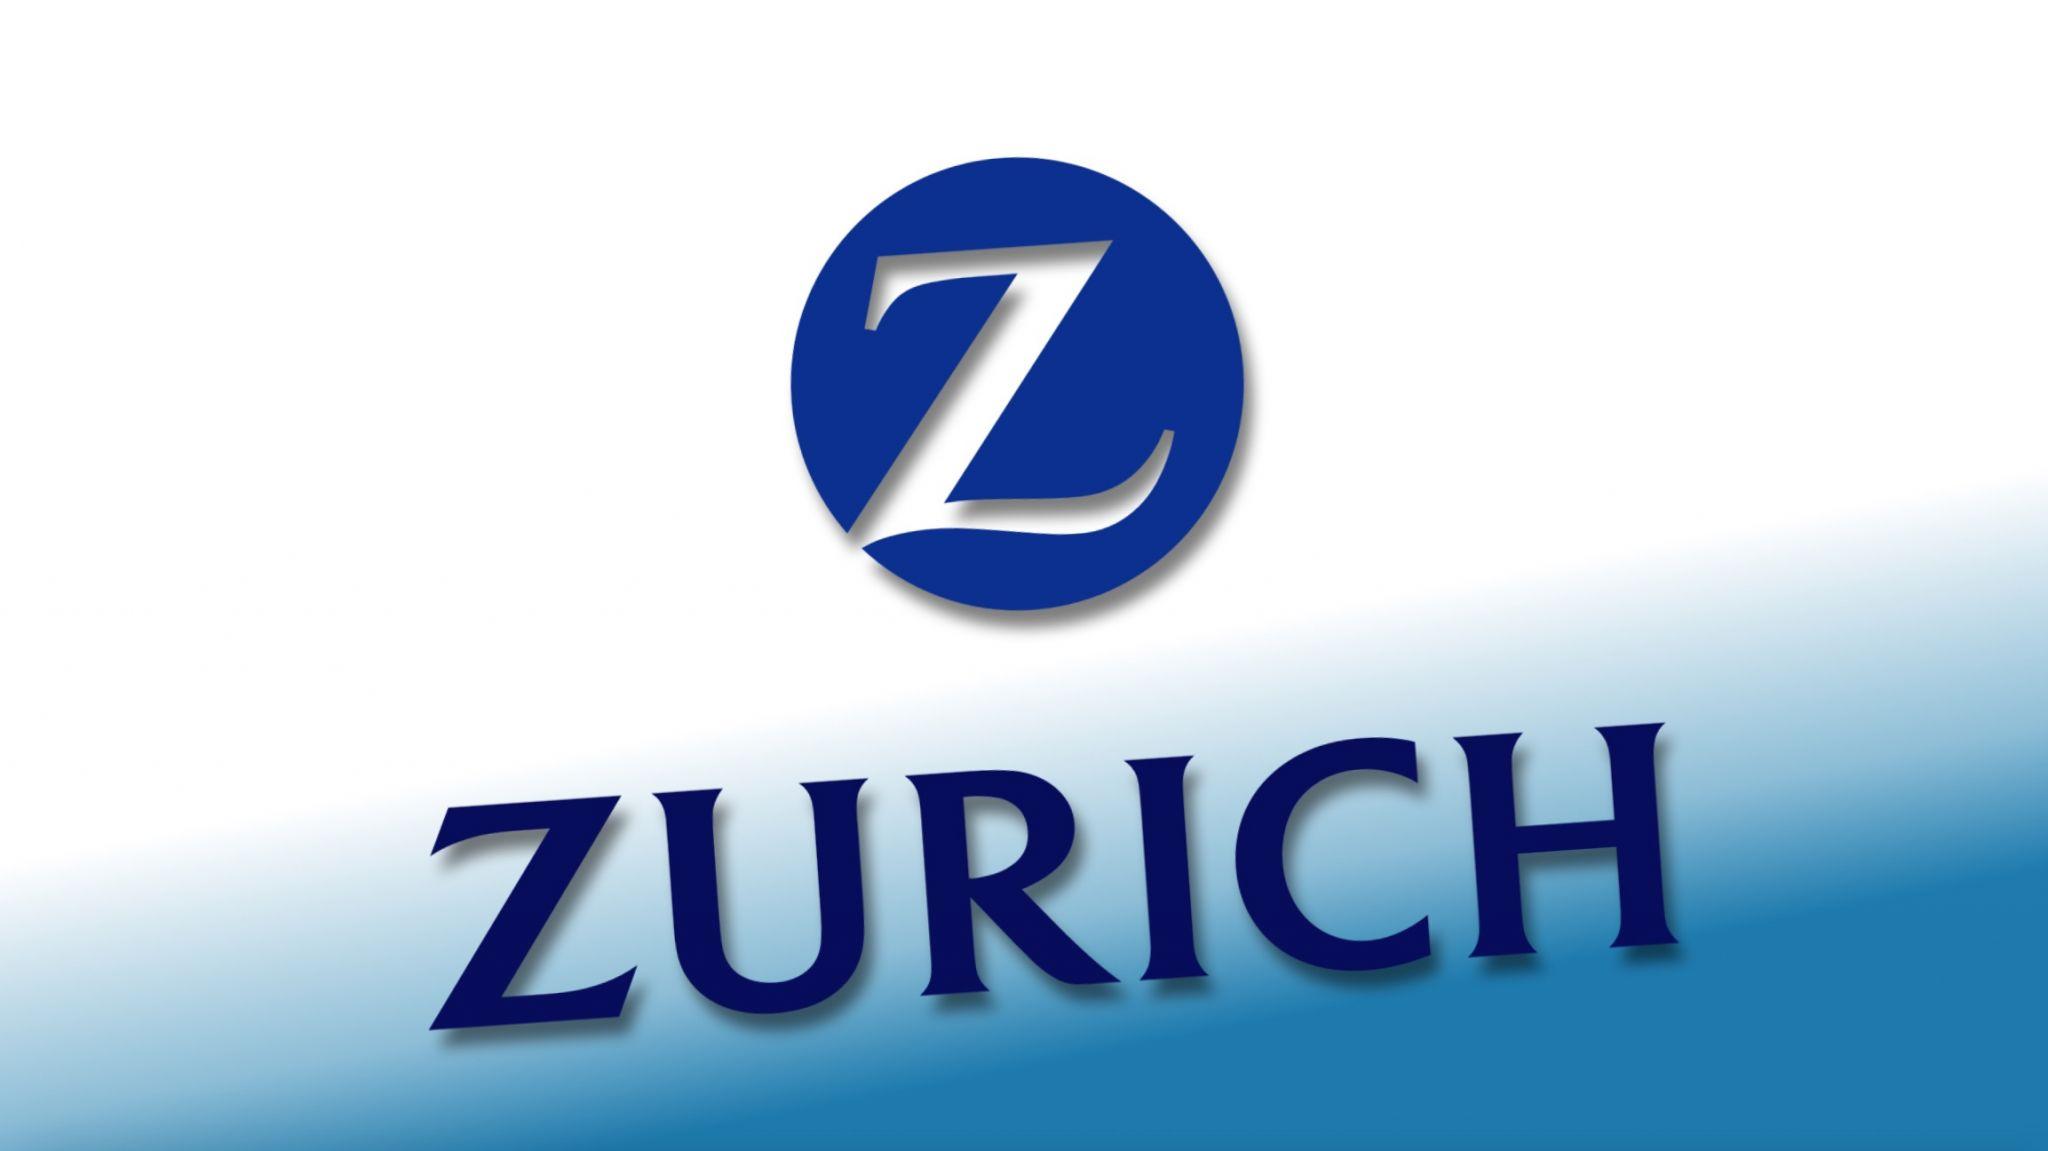 In Zurich sindacati contestano piano chiusura sedi ...